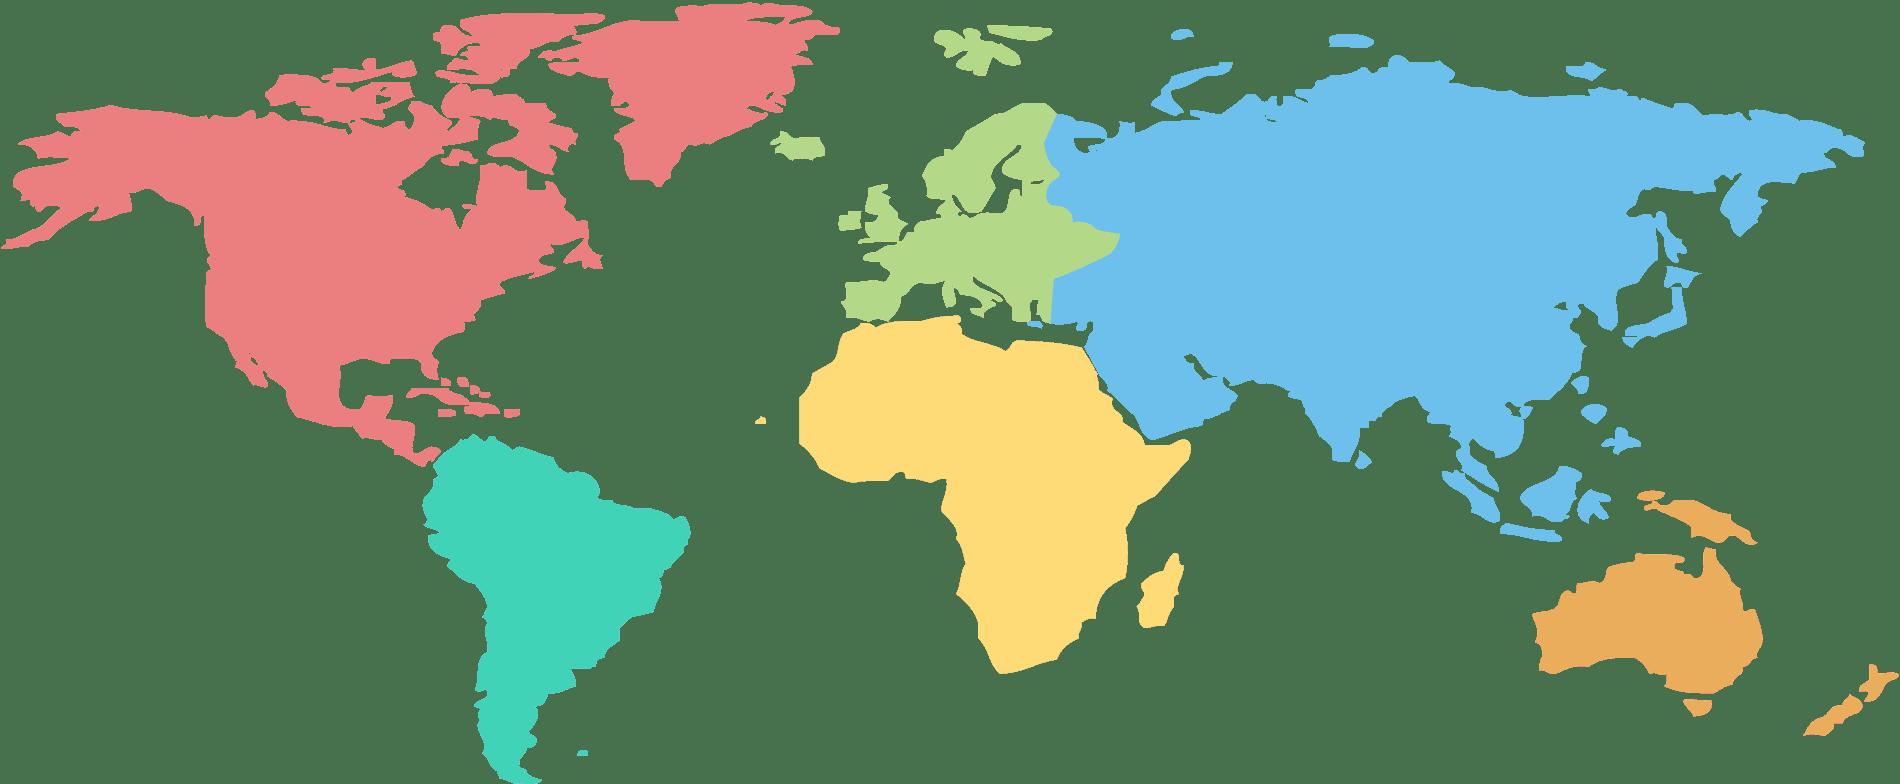 agencia de viagens e turismo em sp mapa4